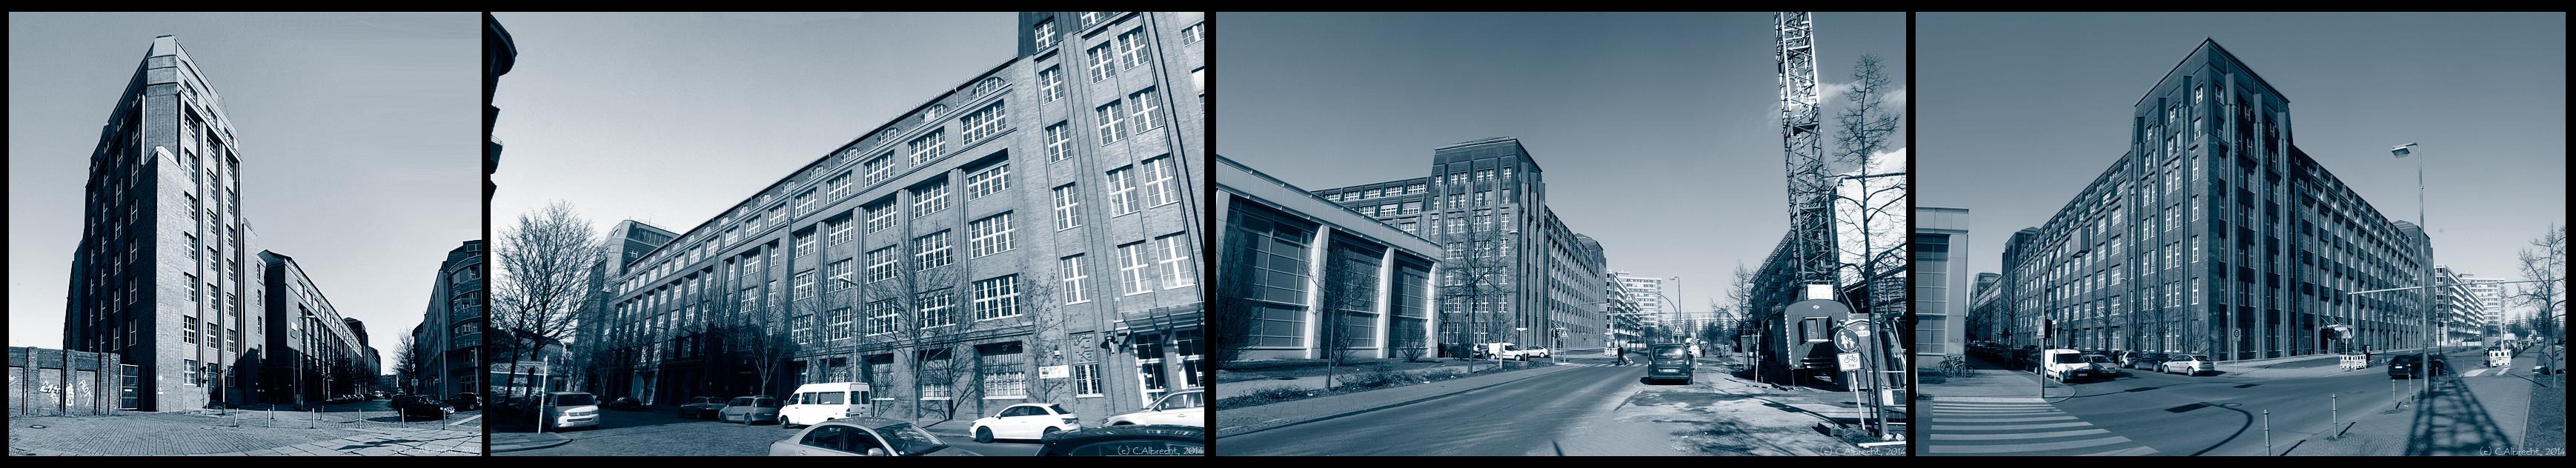 """ehem. Produktionsstandort der Knorr-Bremse AG in der Neuen Hirschberger Str. (""""Neue Fabrik"""")"""